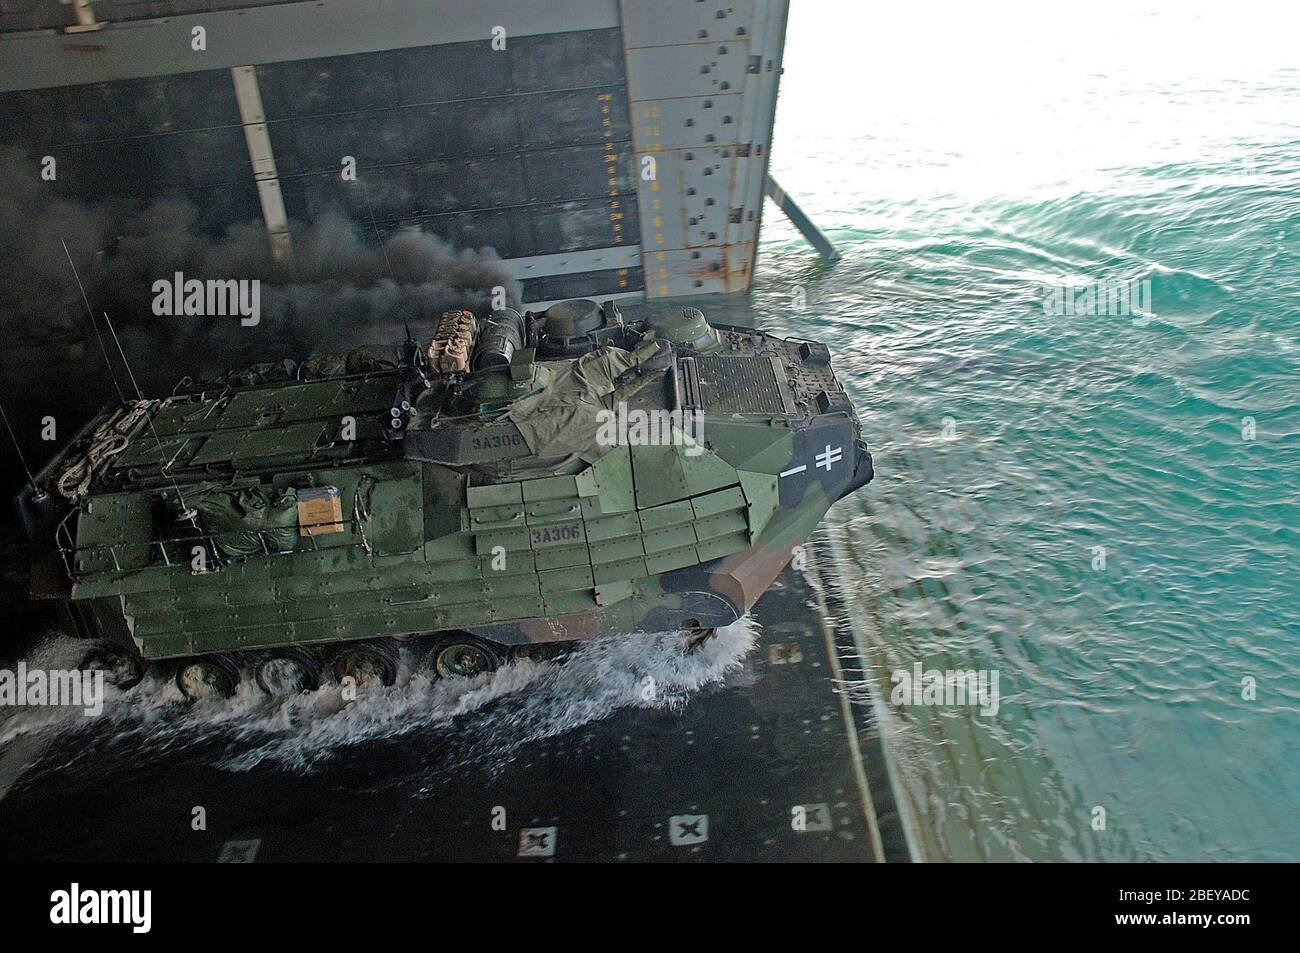 (Nov. 3, 2012), un vehículo de asalto anfibio (AAV) sale el dock buque anfibio de transporte USS Green Bay (LPD 20) durante una rutina de ejercicio de formación bien cubierta. Green Bay es parte de Peleliu Amphibious Ready Group, iniciado con la 15ª Unidad Expedicionaria de la Marina, y está desplegado en apoyo de operaciones de seguridad marítima y los esfuerzos de cooperación de seguridad de teatro en los EE.UU. 5ª Flota área de responsabilidad. Foto de stock